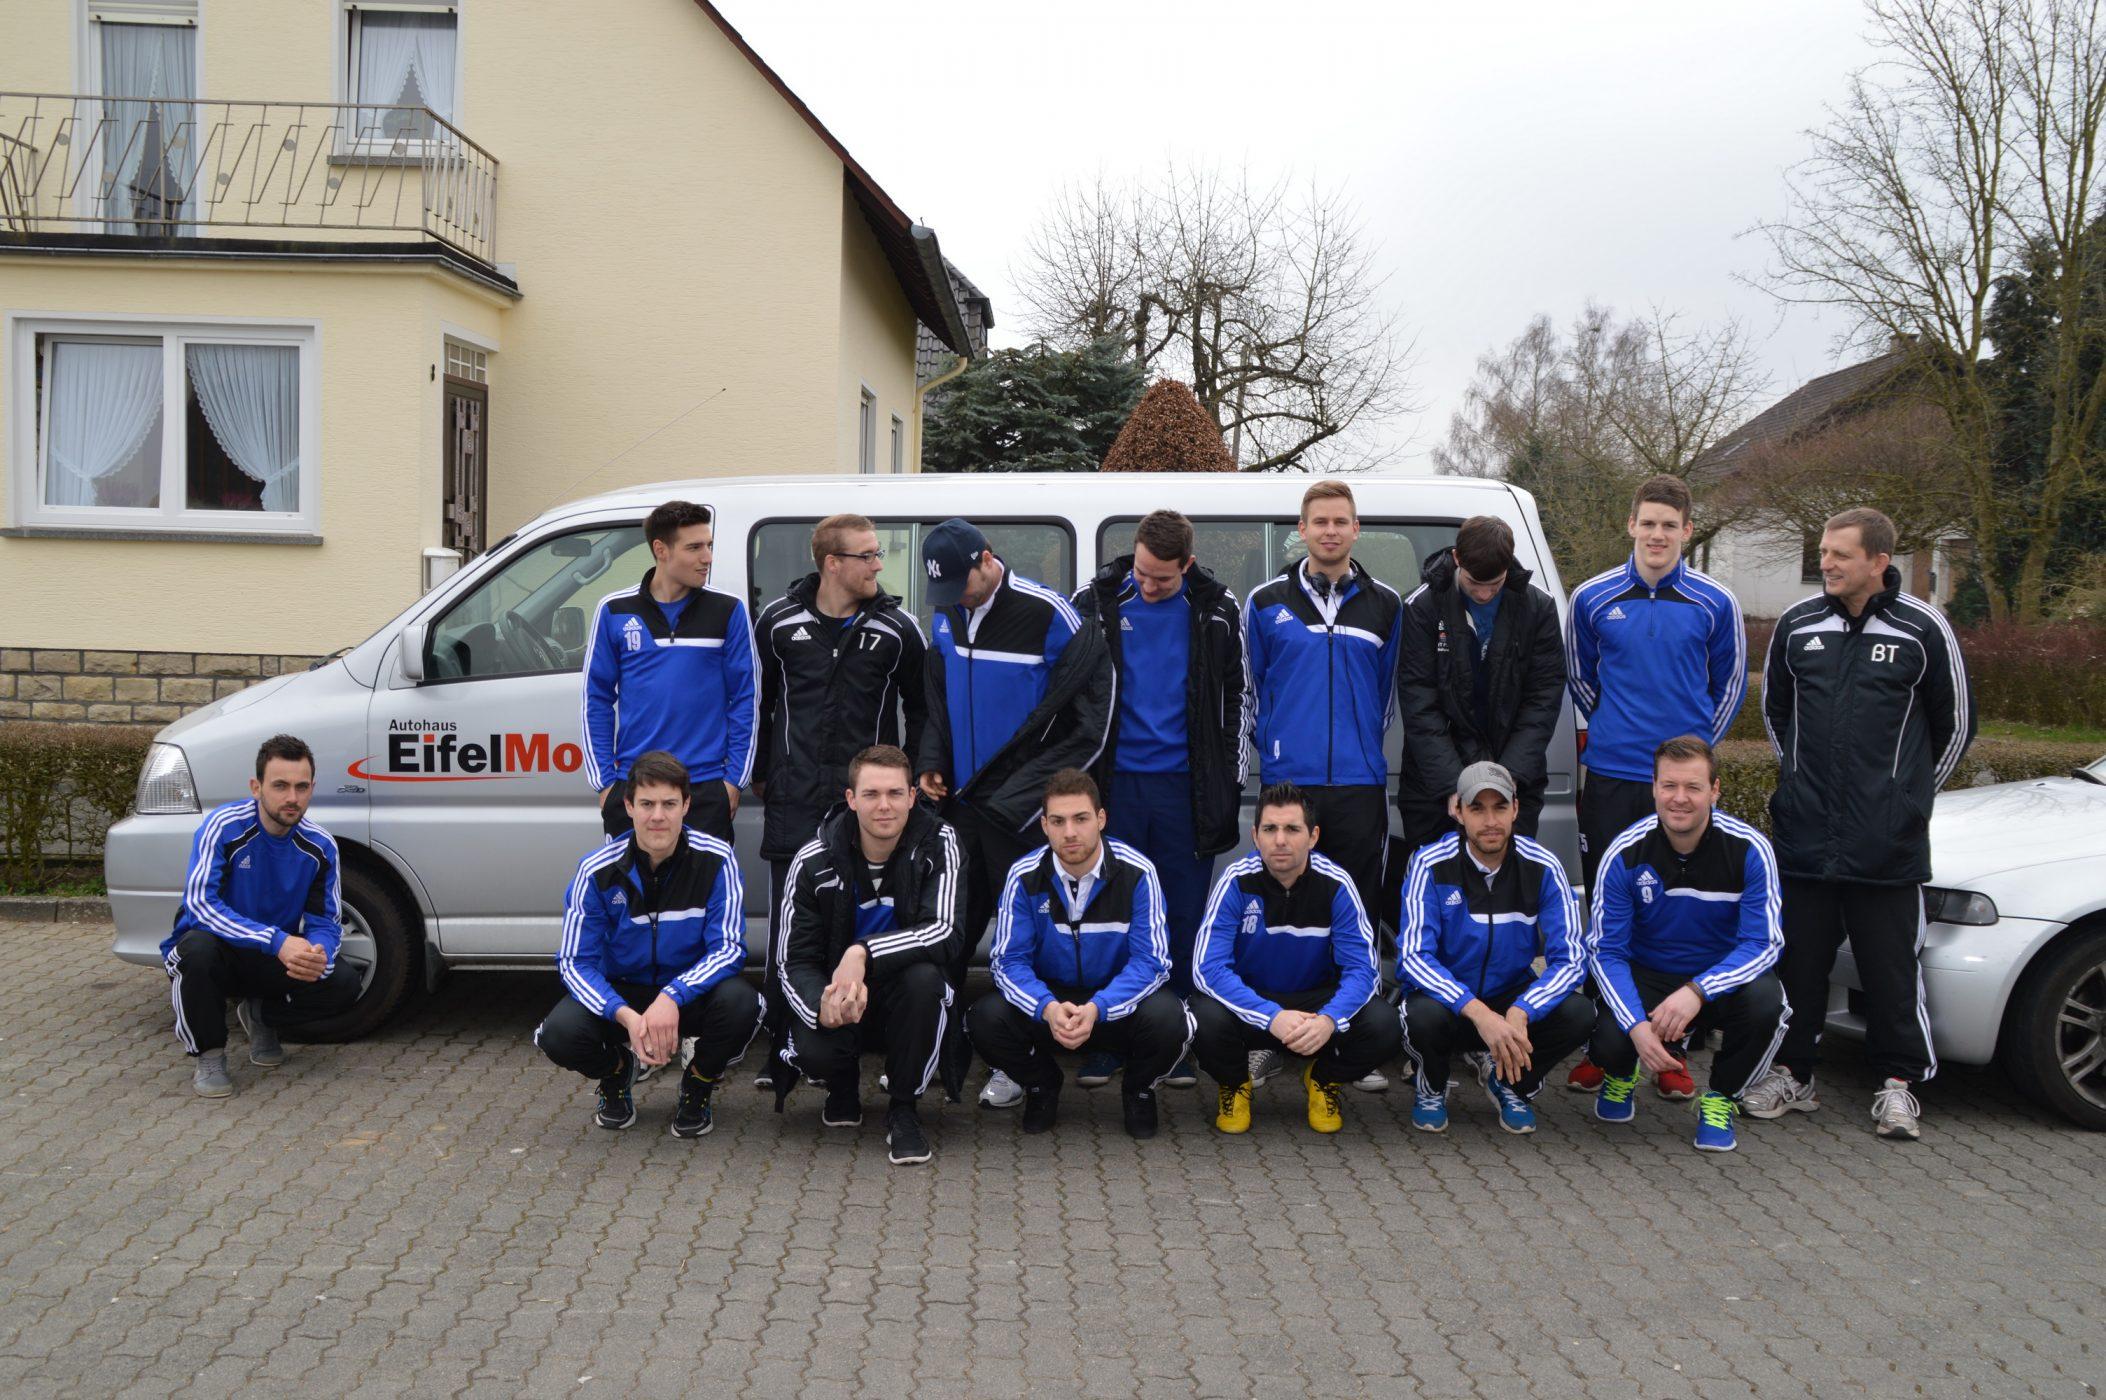 Autohaus Eifel Mosel unterstützt Fahrten zu Auswärtsspielen in der Rheinlandliga